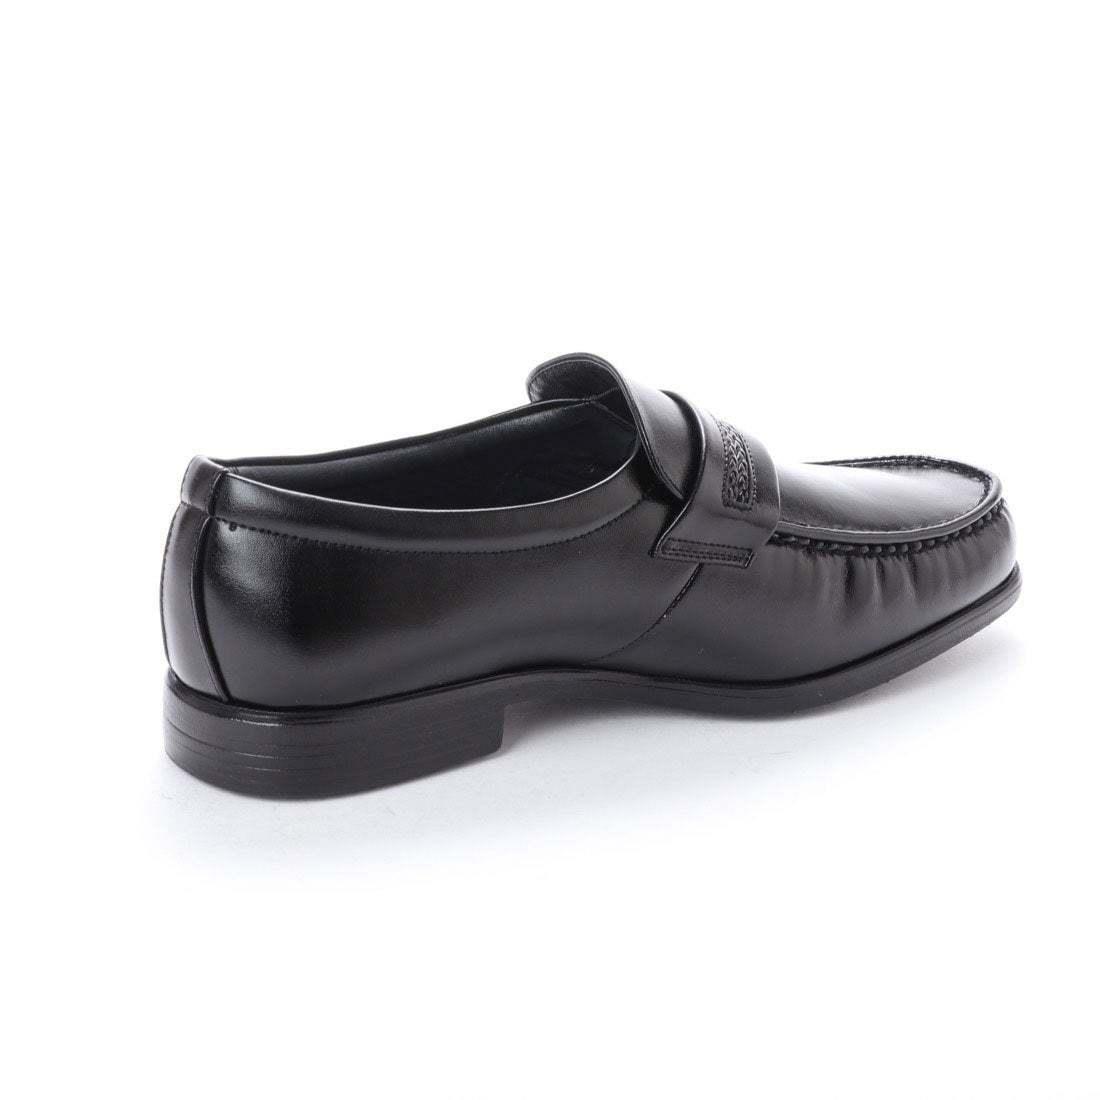 【安い】 超軽量 紳士靴 メンズ ビジネスシューズ スリッポン モカシン ウォーキングシューズ 幅広 4E 抗菌 防臭 1011 ブラック 黒 26.0cm